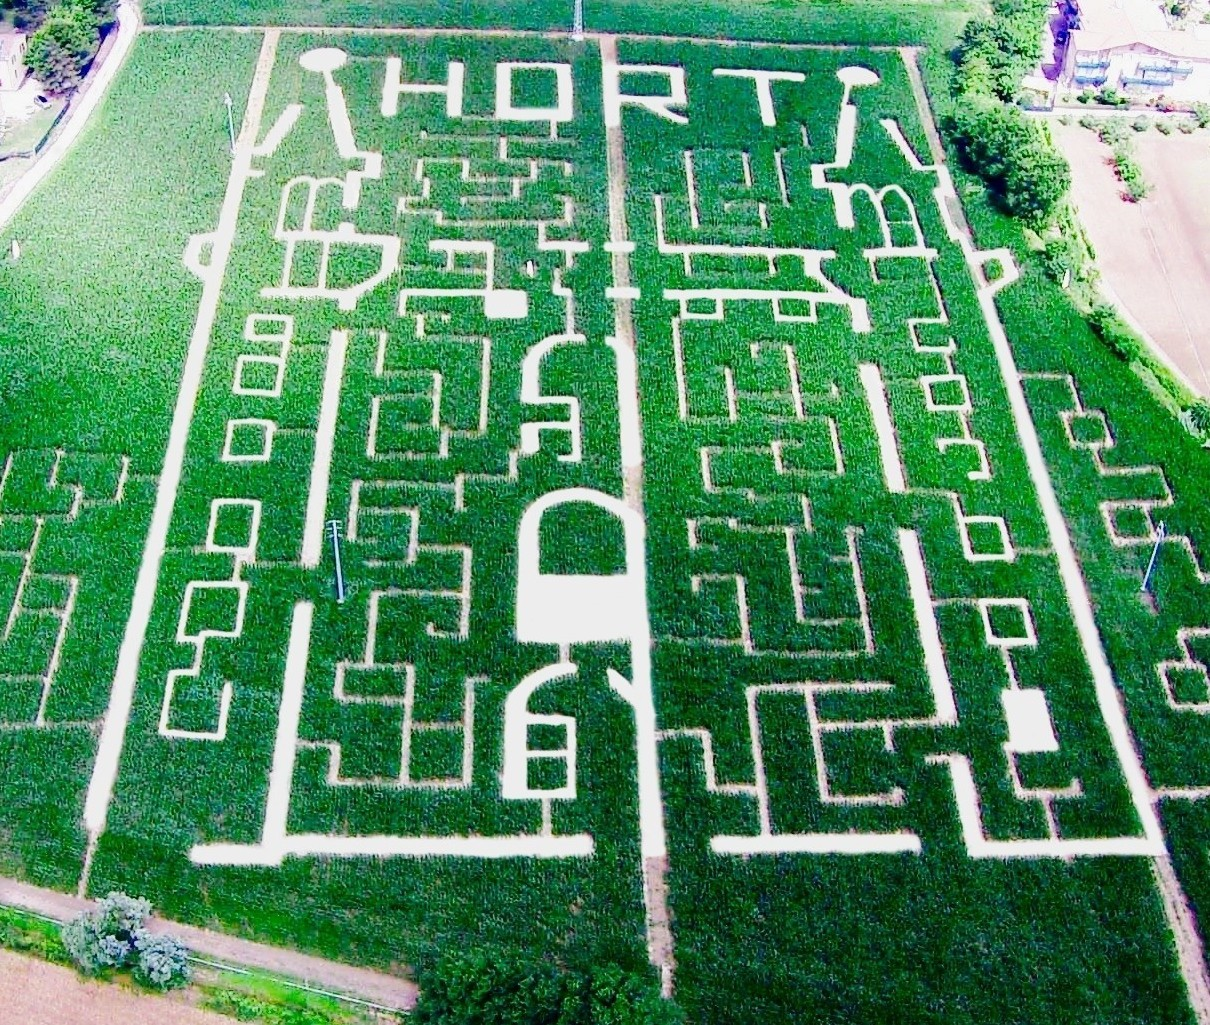 Labirinto di Mais / Corn maze  - 2012 | 2013 | 2014 | 2015 | 2016 | 2017